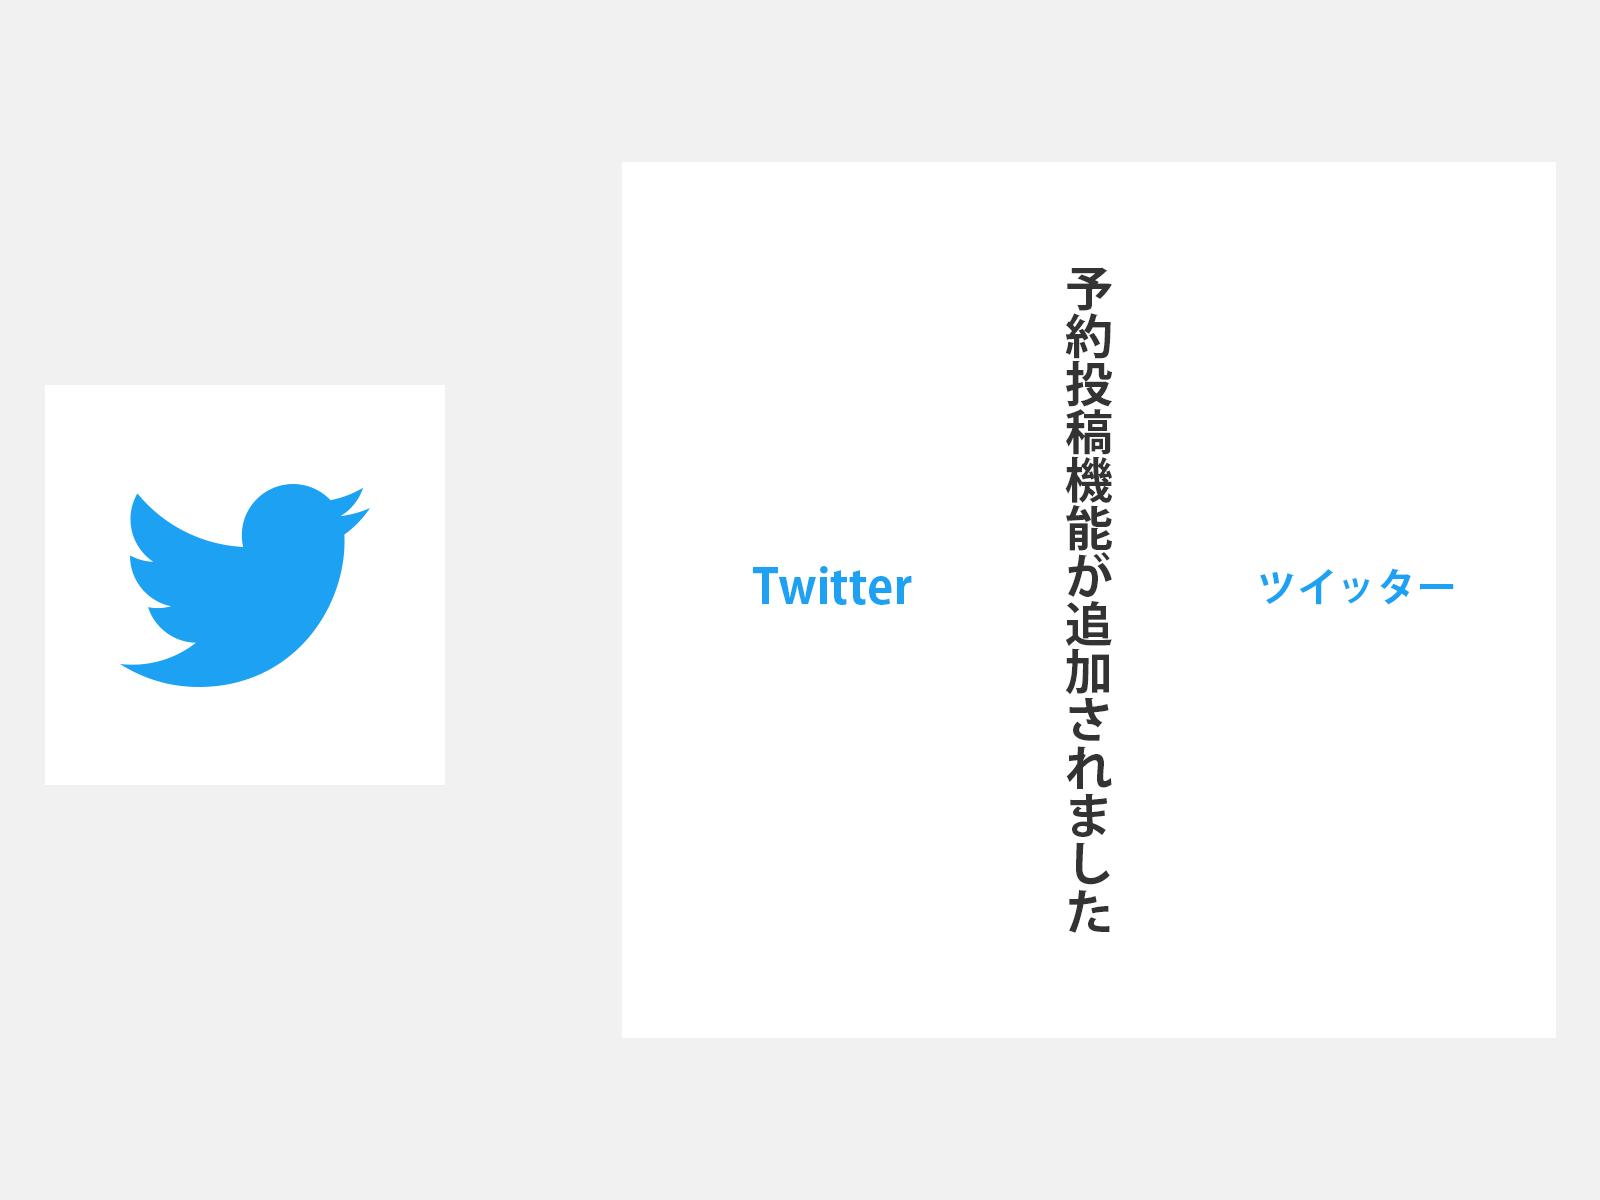 Twitter 予約投稿機能追加 加藤敦志